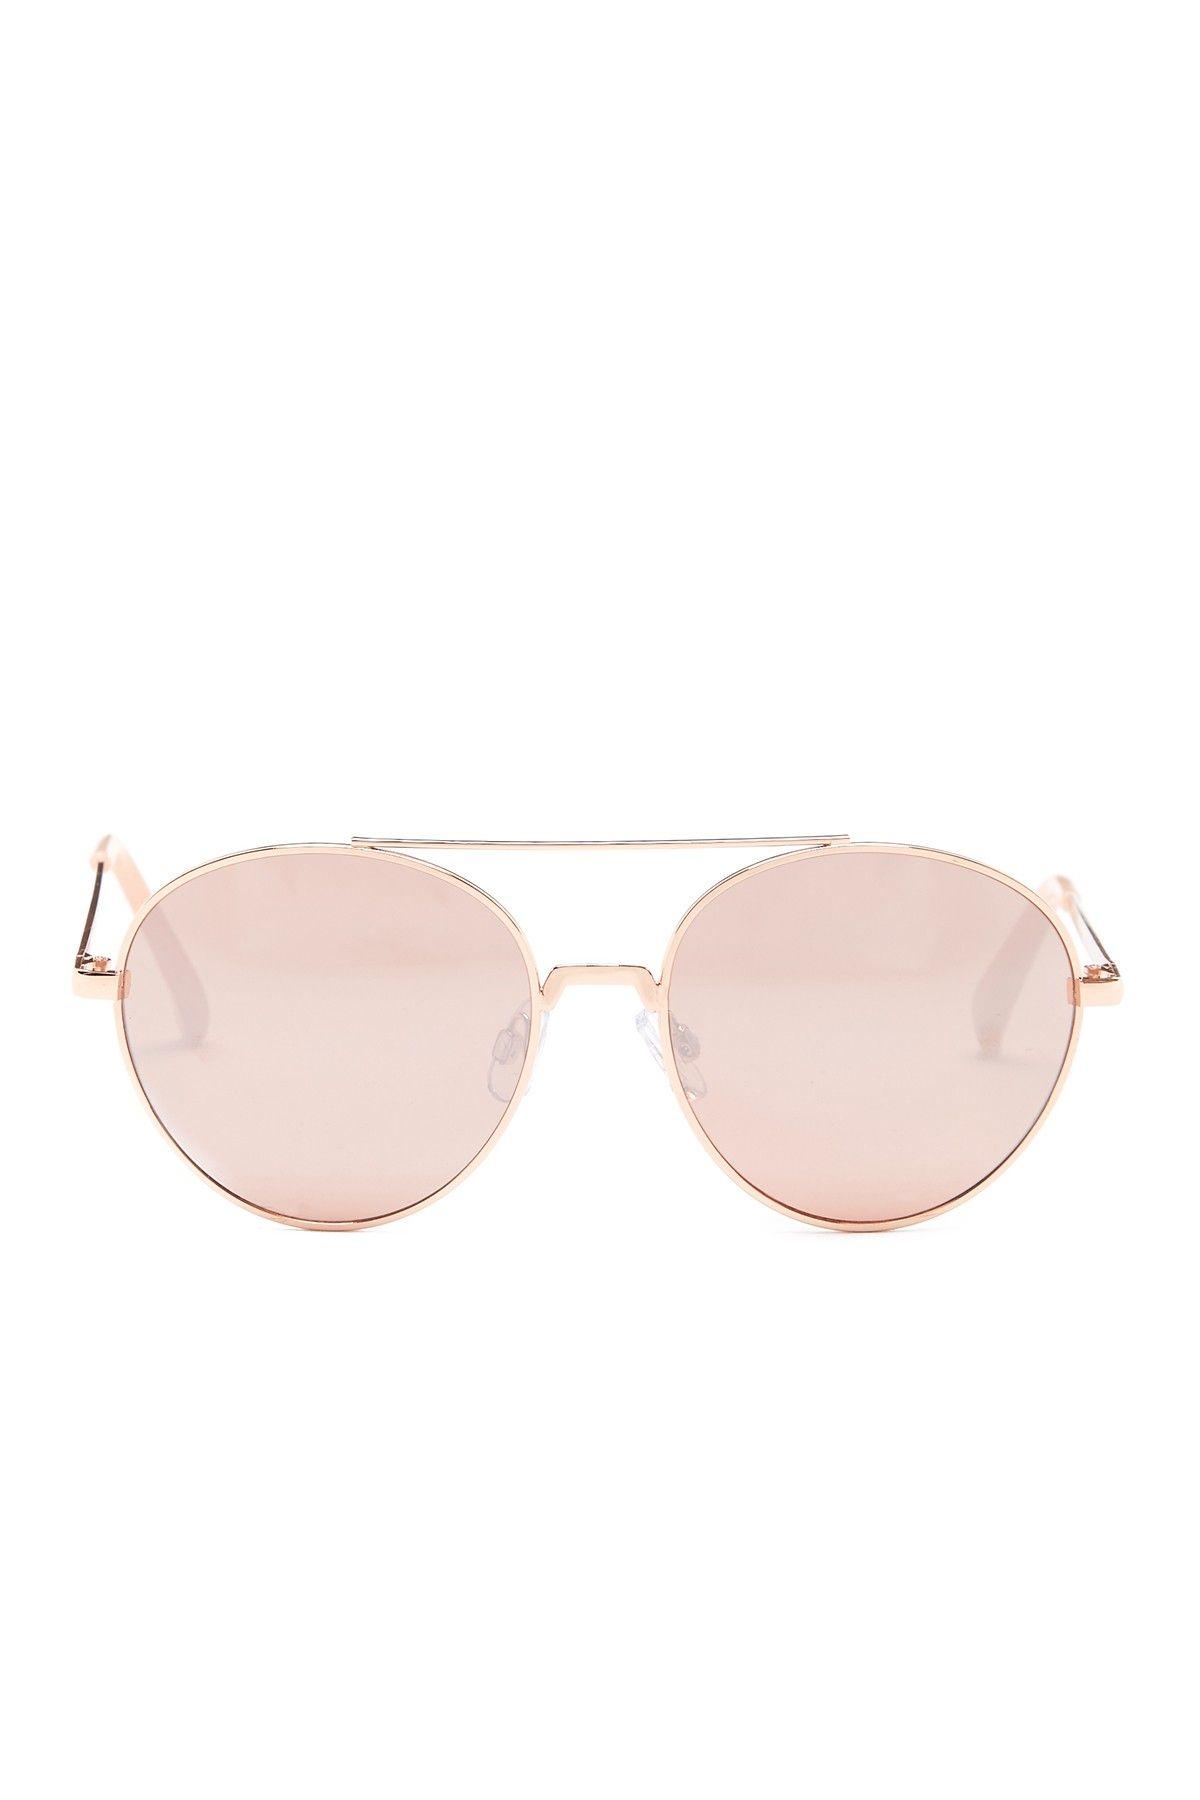 Women's Round Aviator Sunglasses